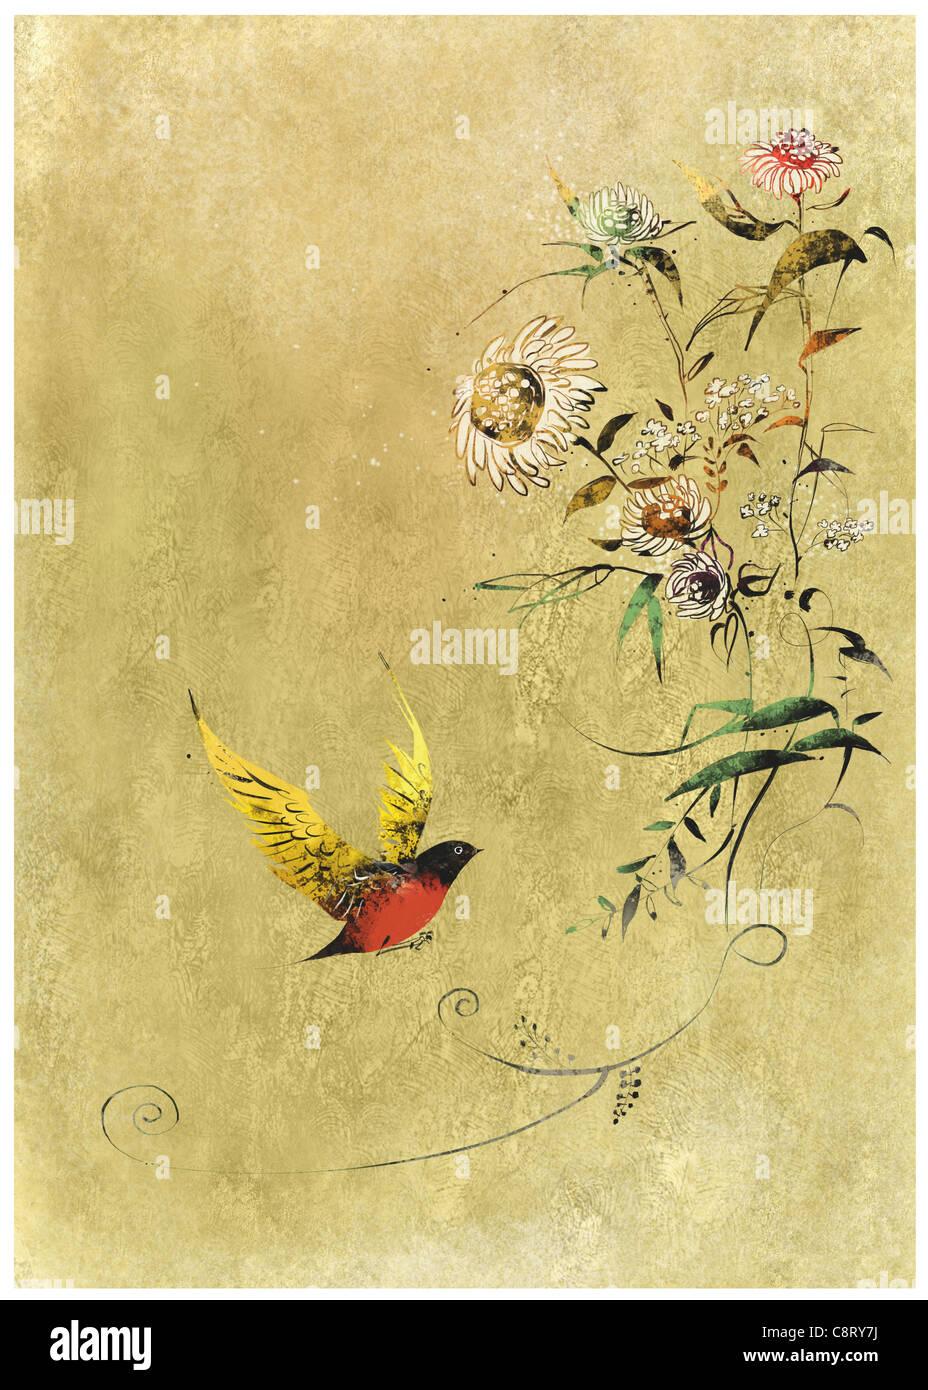 Pájaro en árbol en flor Imagen De Stock